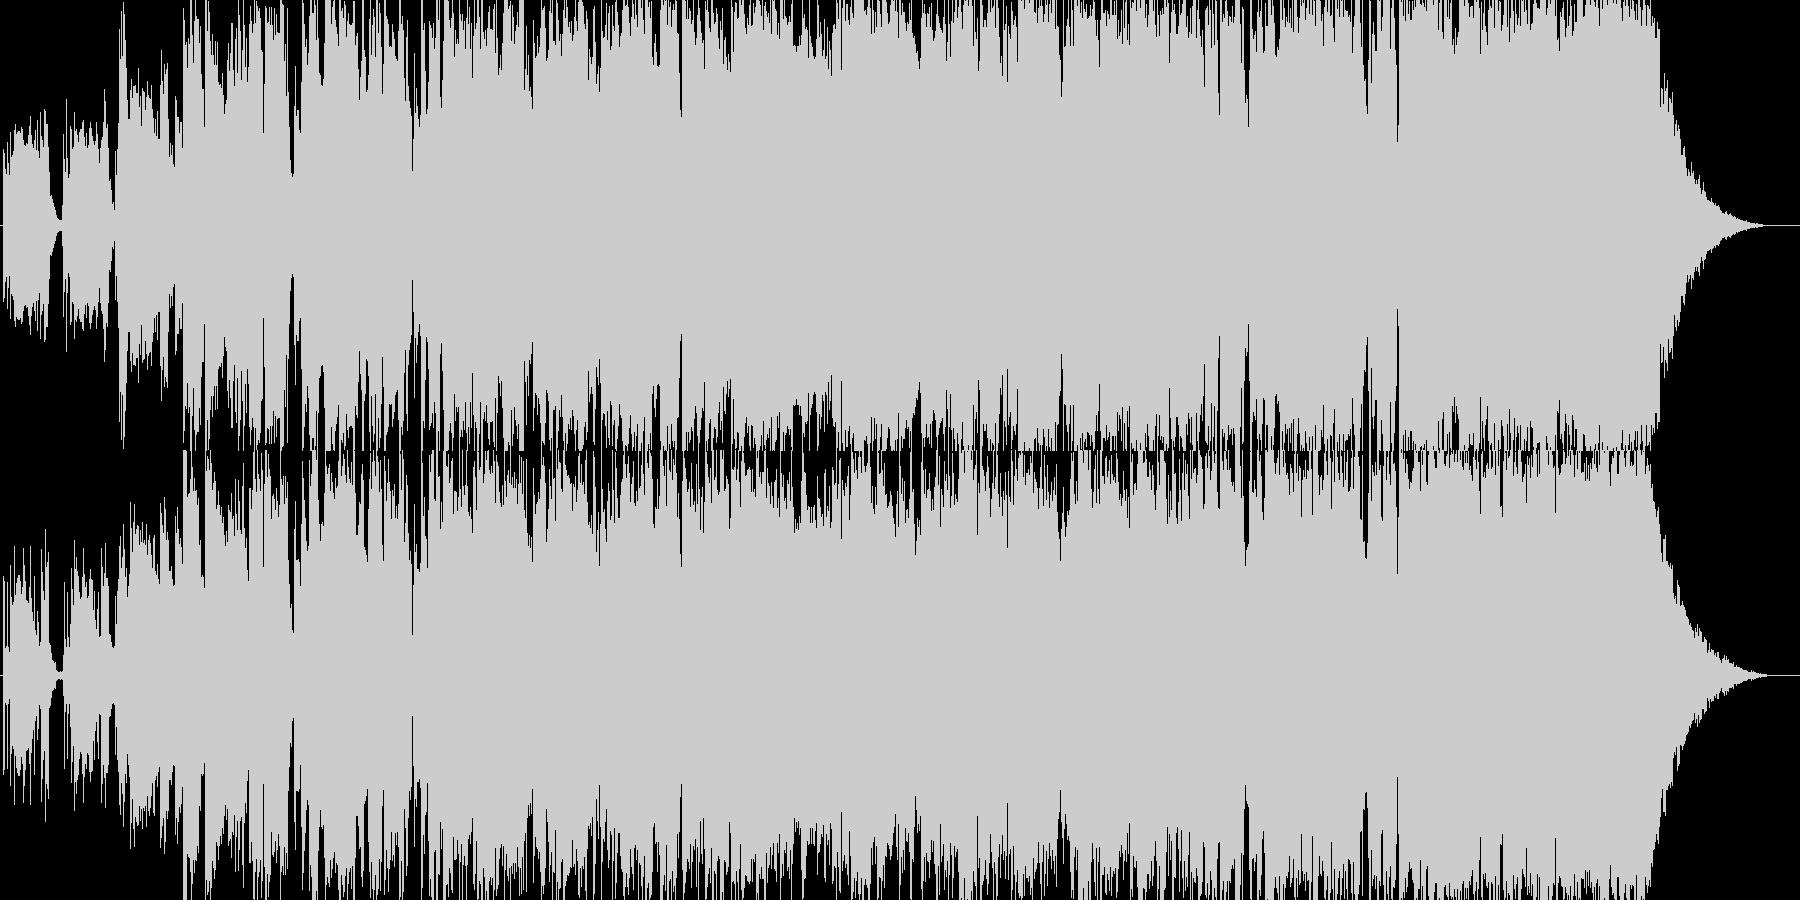 軽快なアルペジオで始まるギターインストの未再生の波形